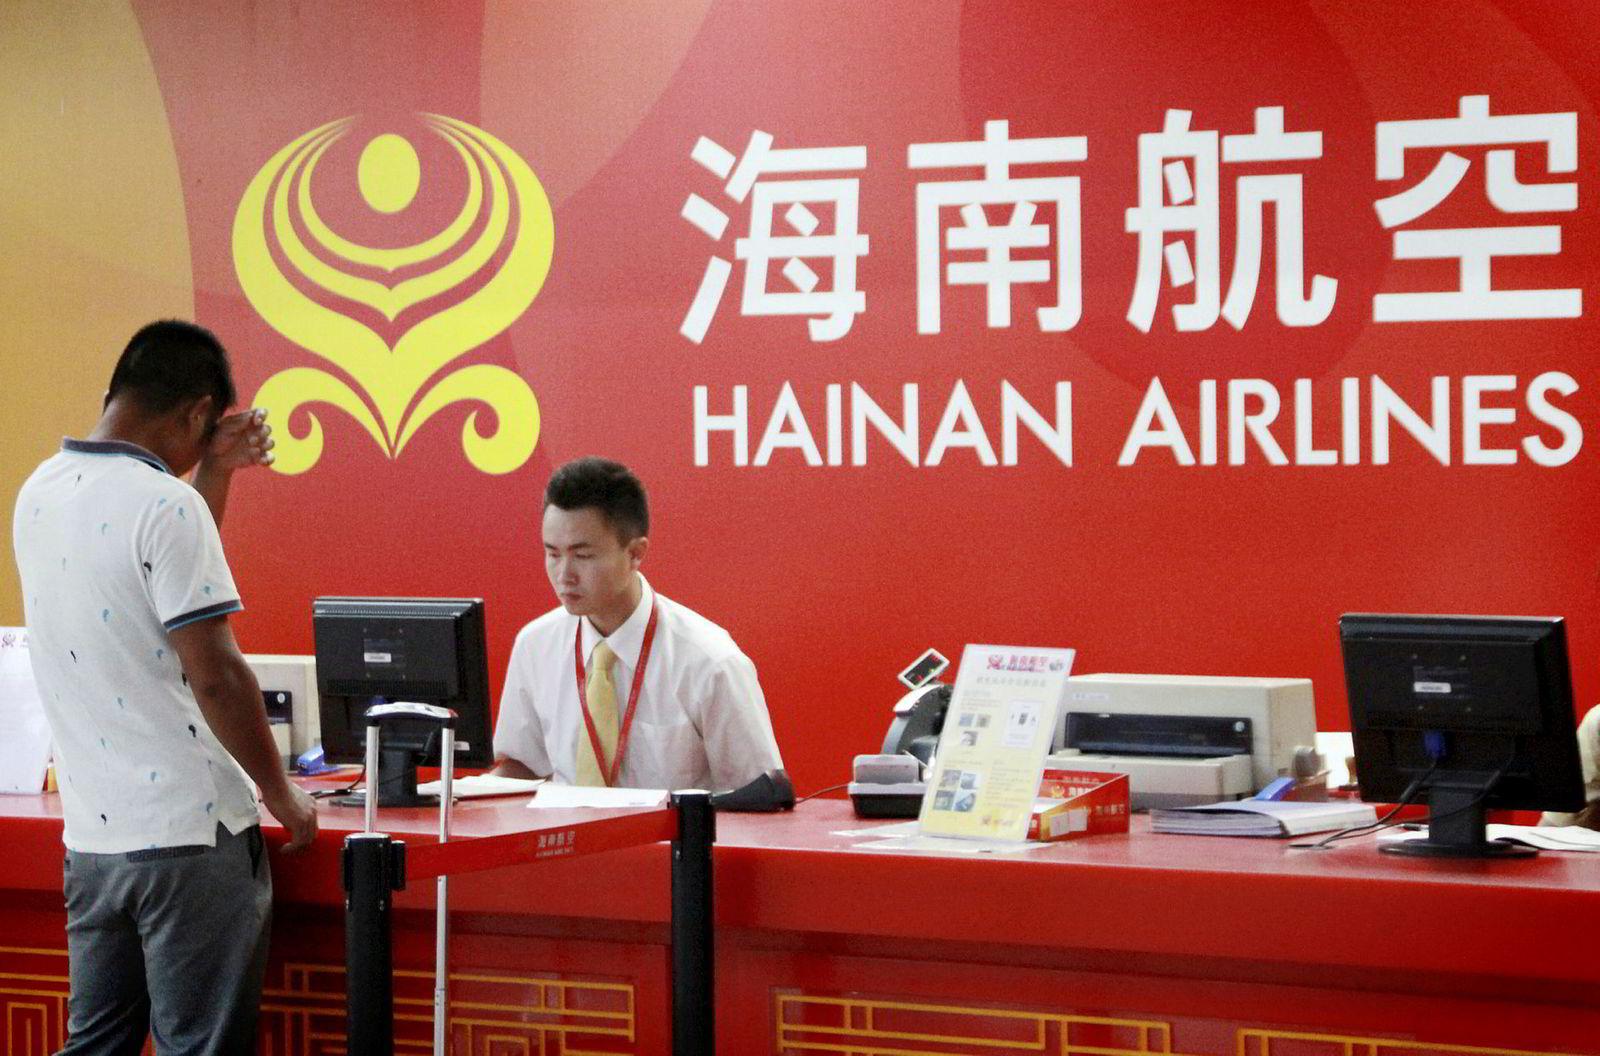 Hainan Airlines er et av de største flyselskapene i Kina, men ikke medlem av de tre store alliansene: Star Alliance, Oneworld eller Skyteam.